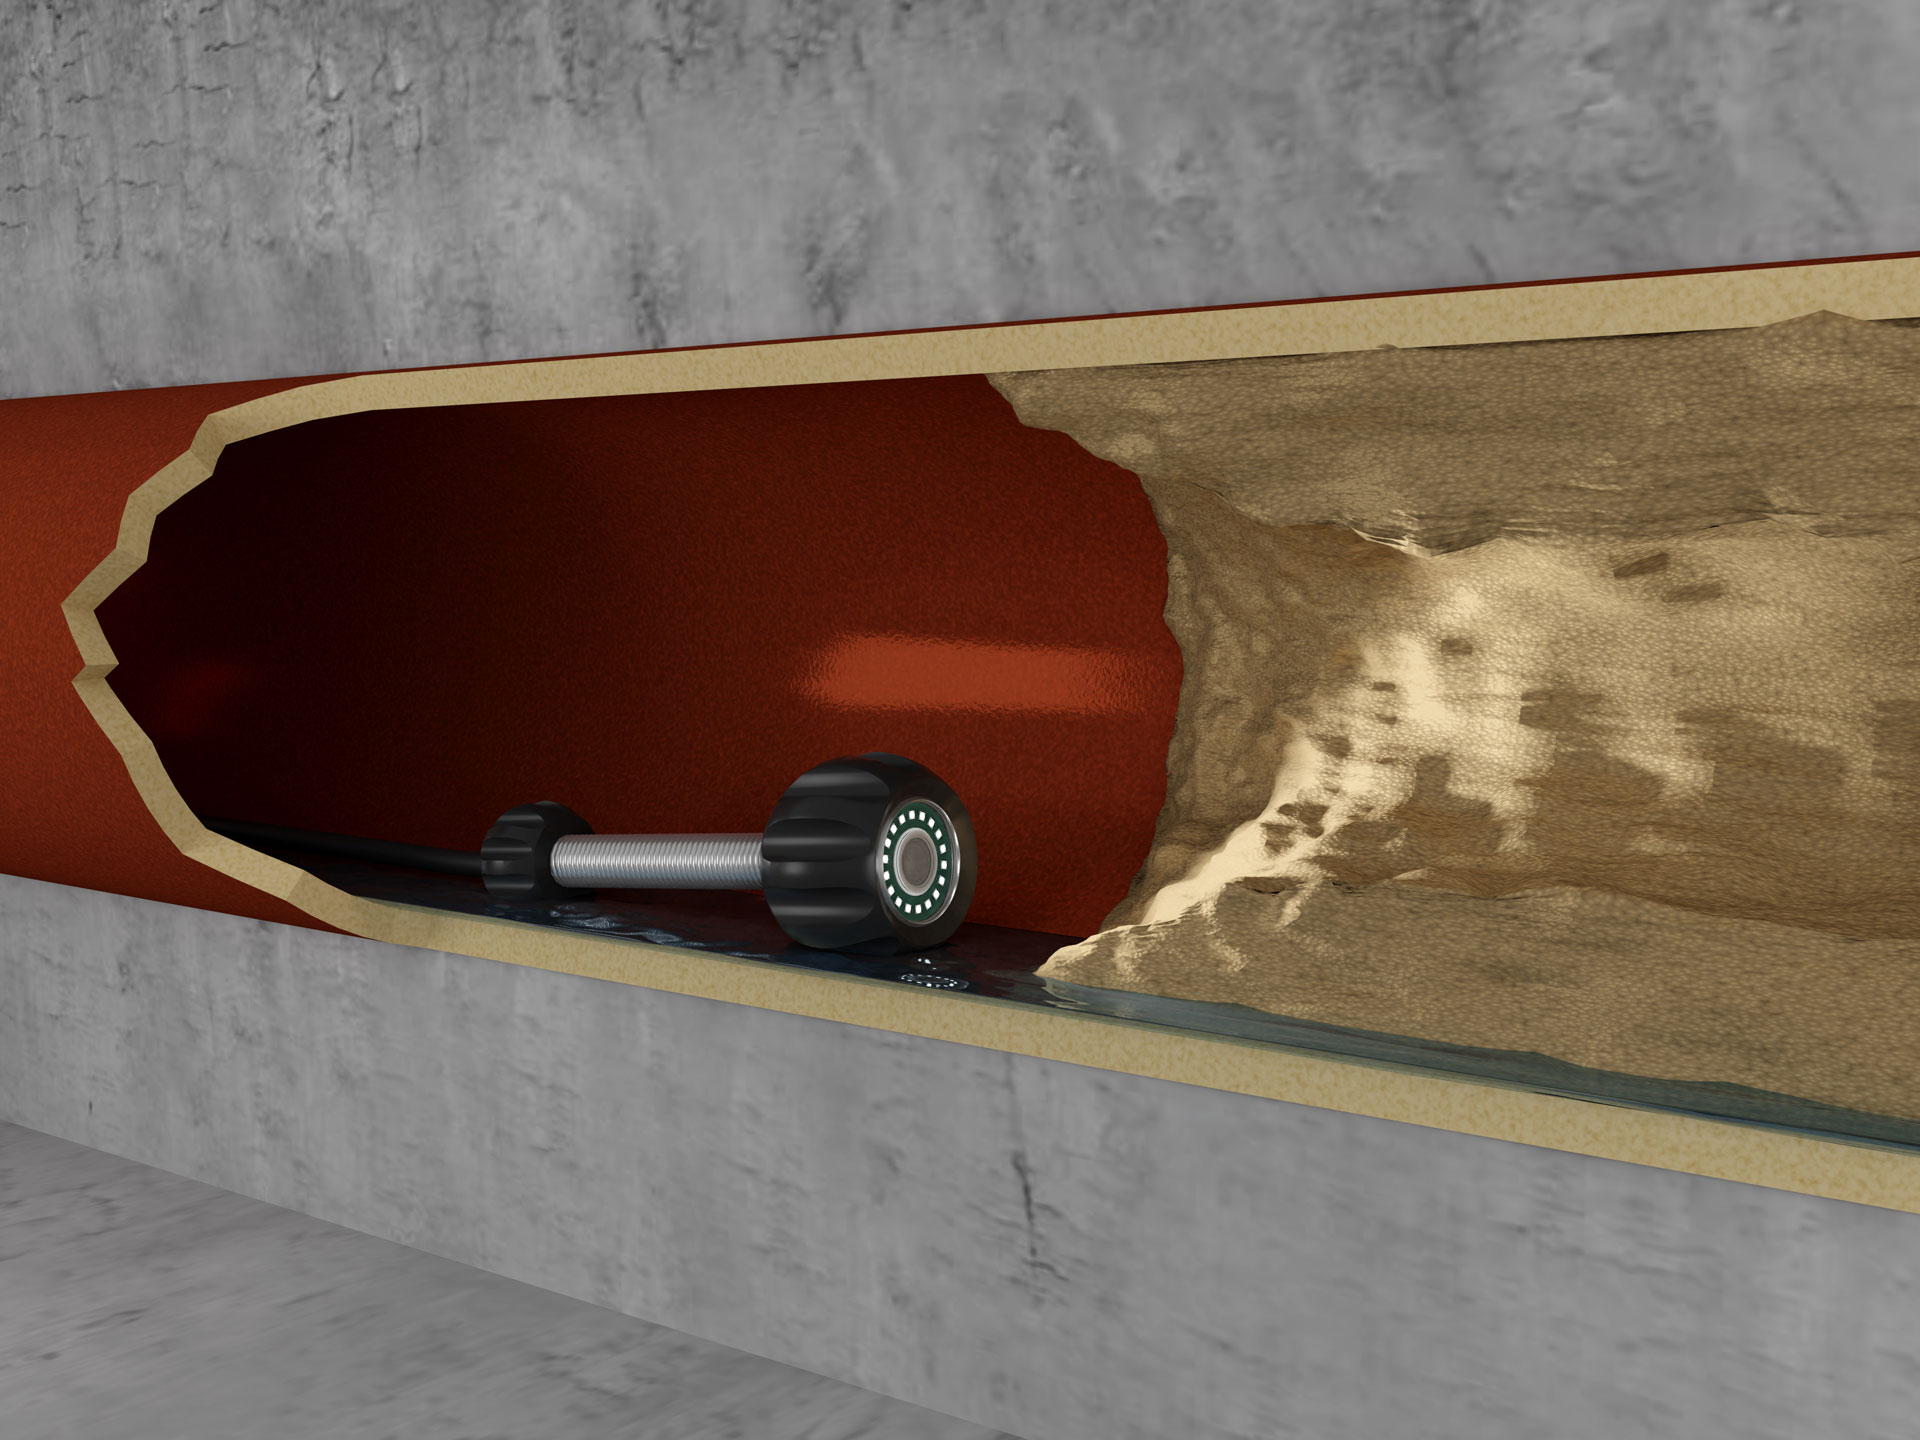 kamerabefahrung rohrleitung, abfluss verstopfung Rohrreinigung Kanalreinigung Kanalsanierung